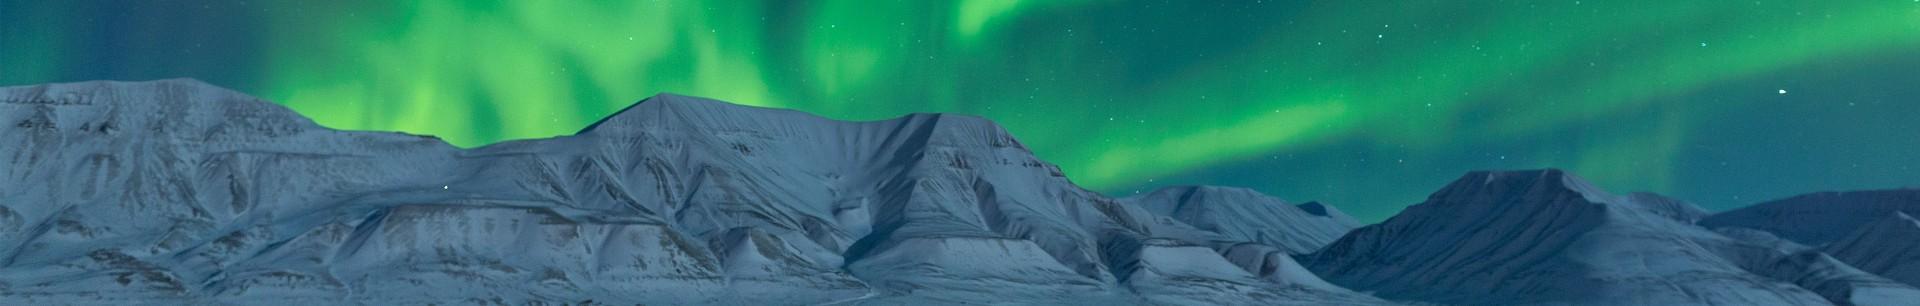 """Polar-Postkarten: Exklusive Postkartensätze """"Spitzbergen"""" und """"Antarktis"""" in limitierter Auflage"""